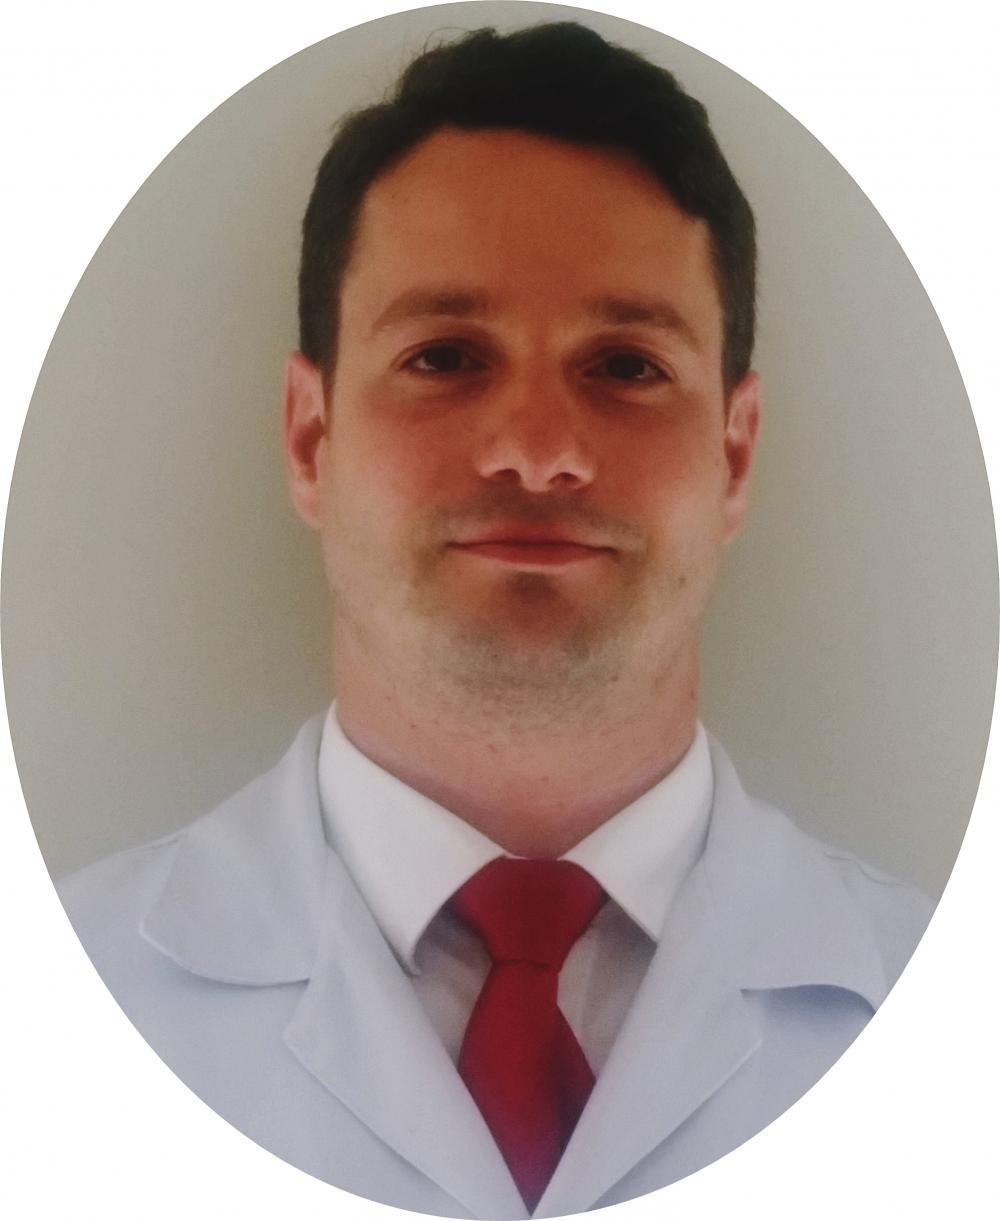 Dr. João Otávio Ribas Zahdi